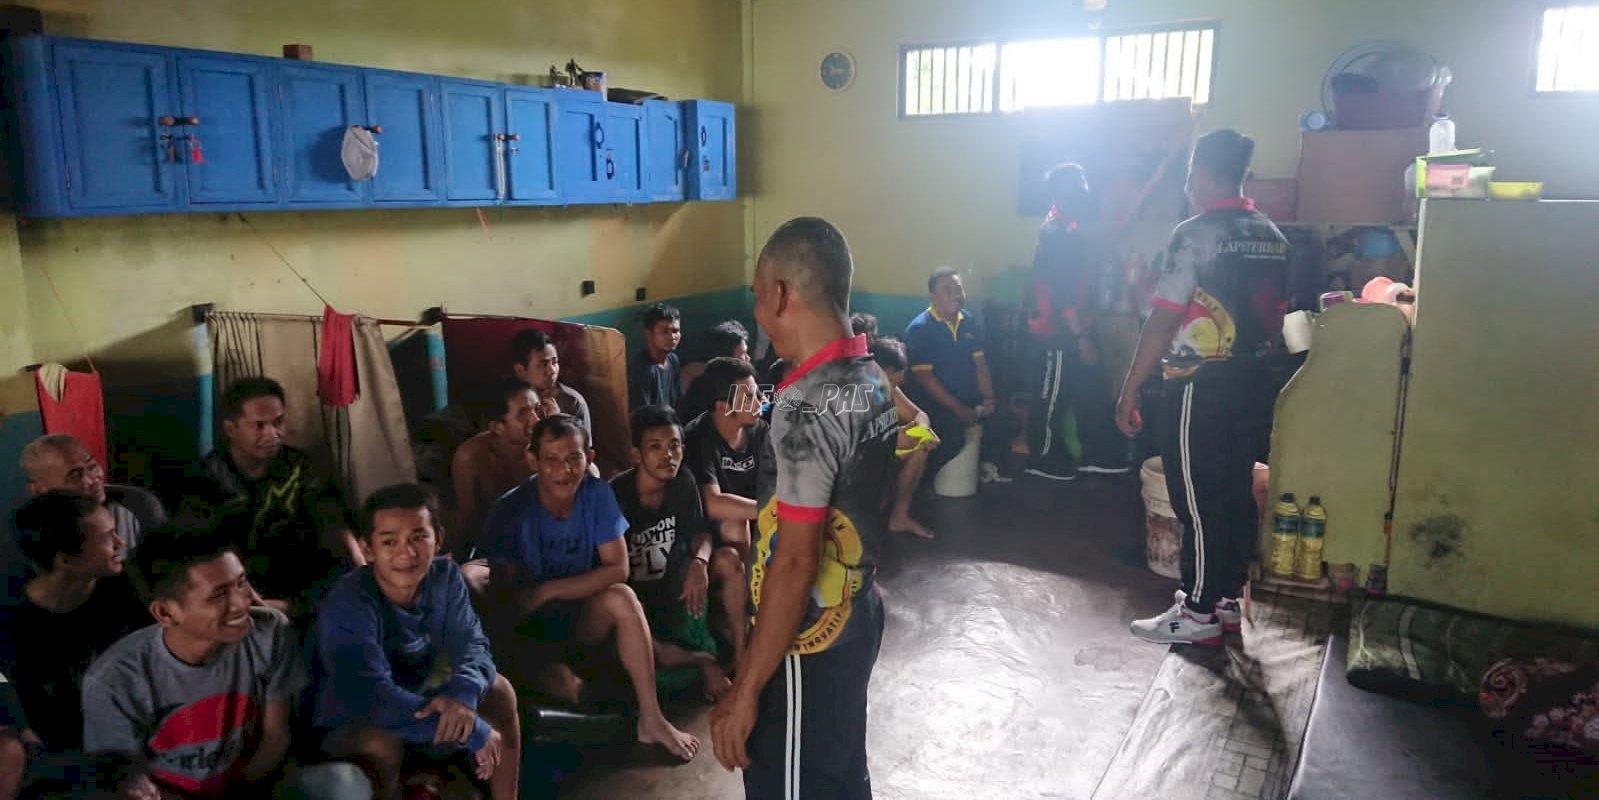 Antisipasi Gangguan Kamtib, Lapas Tenggarong Cek Kamar & Branggang